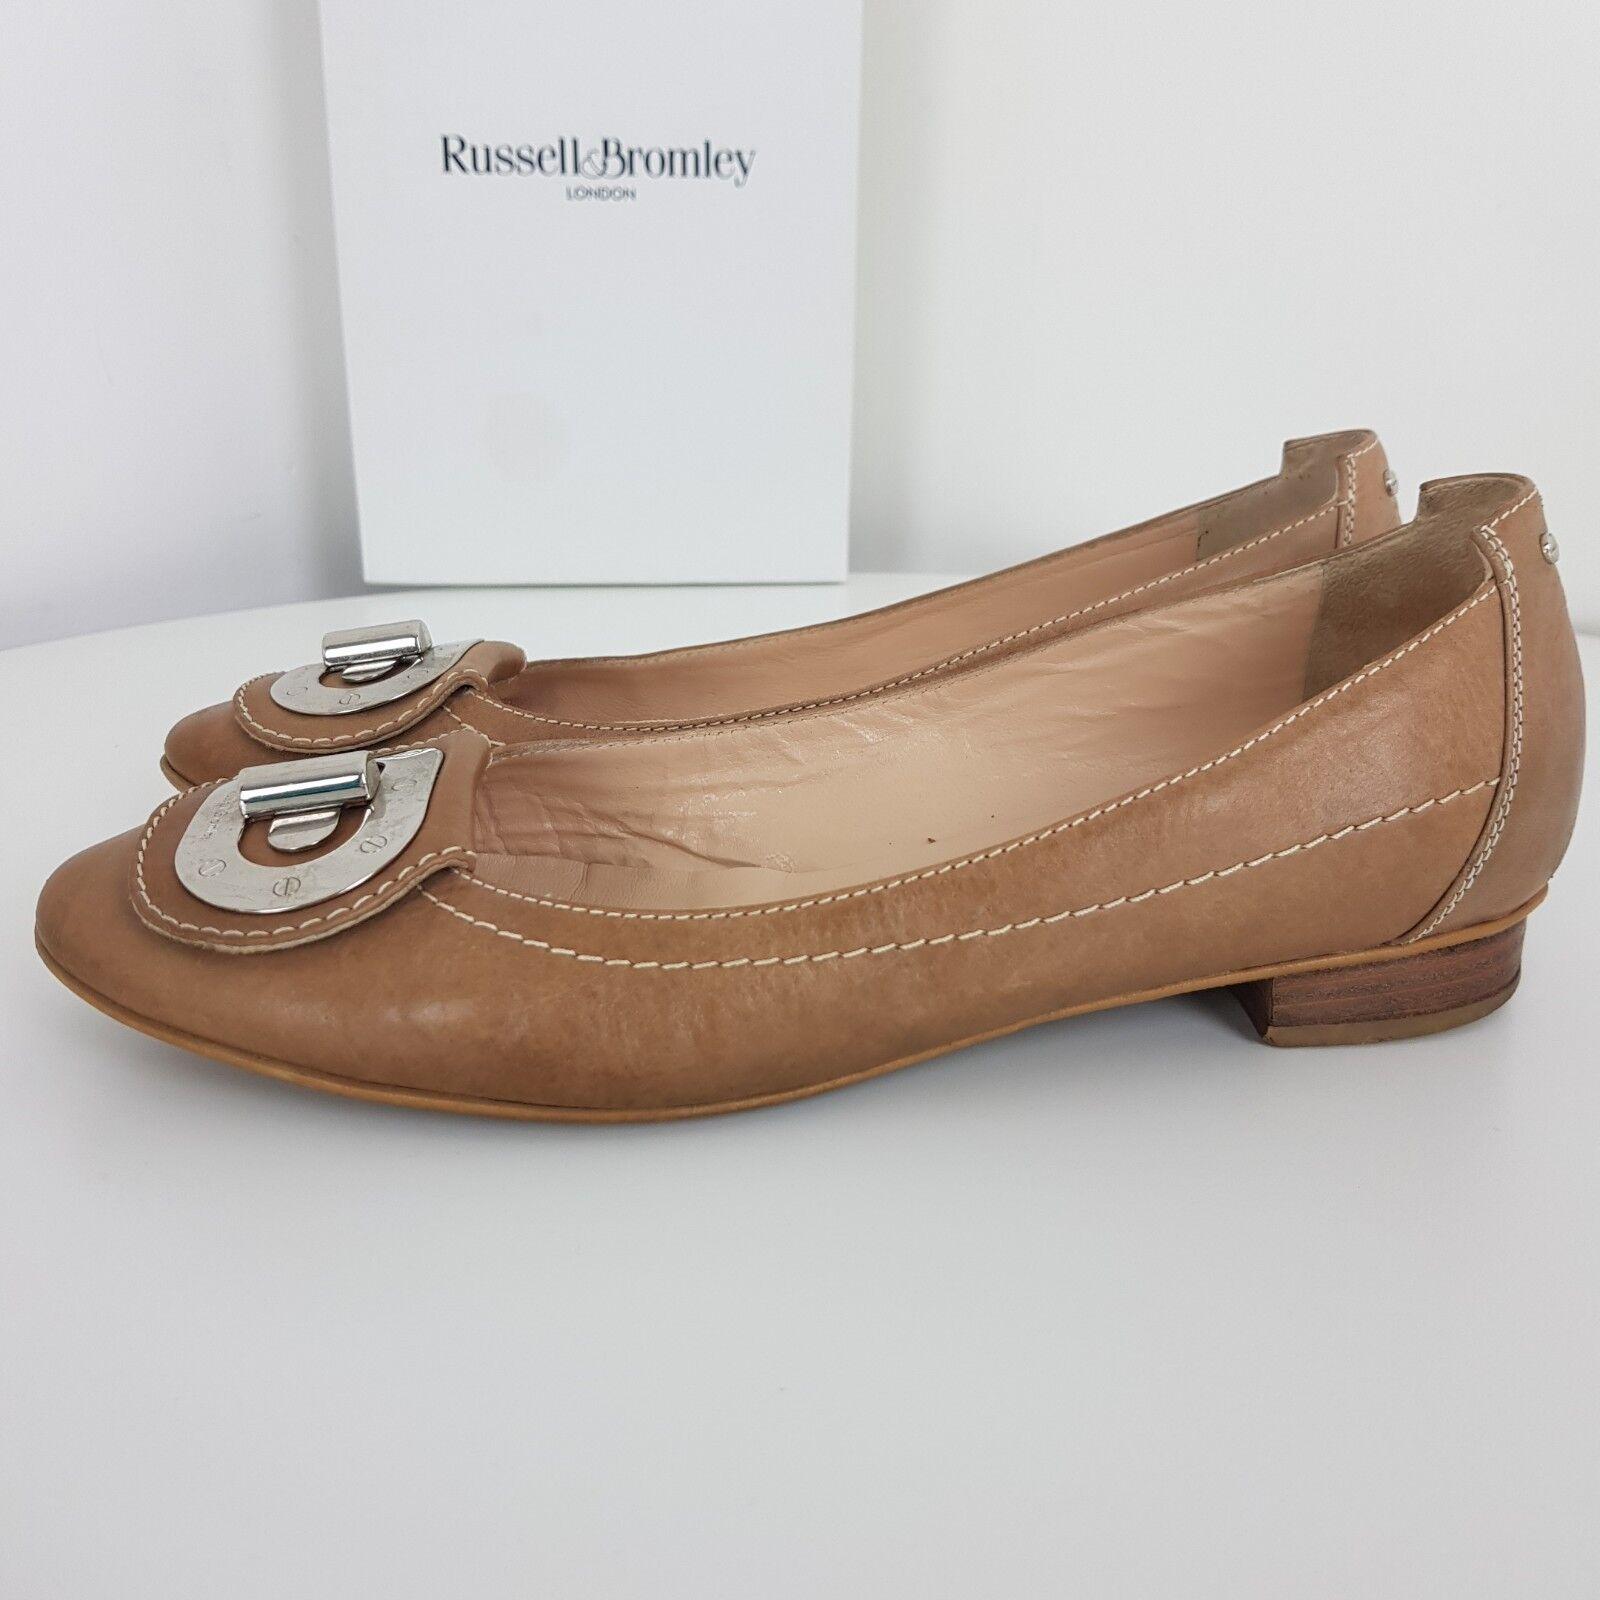 Russell Bromley Chaussures Plates en Cuir à Enfiler Ballerine Boucle Beige UK 6.5 EU 39.5